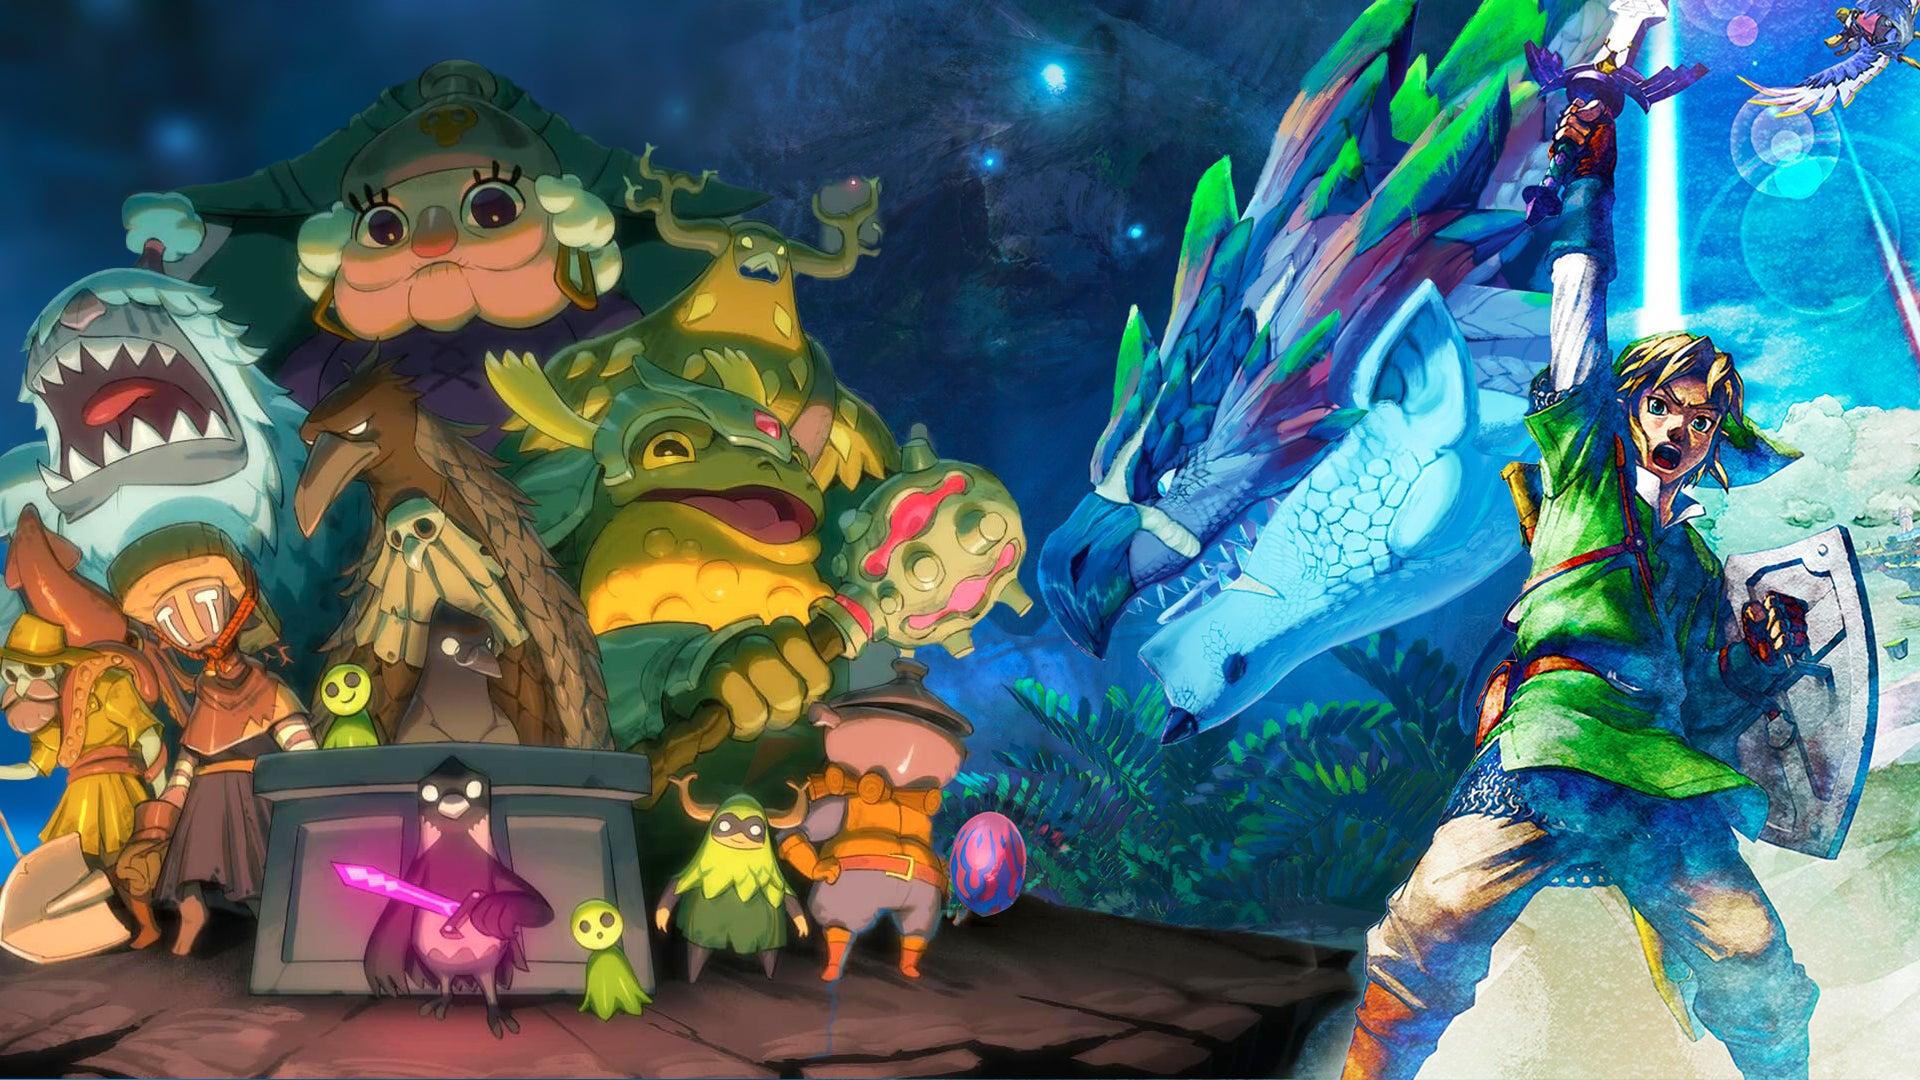 Image for Top 7 games releasing in July - Monster Hunter, Zelda, Death's Door, and more